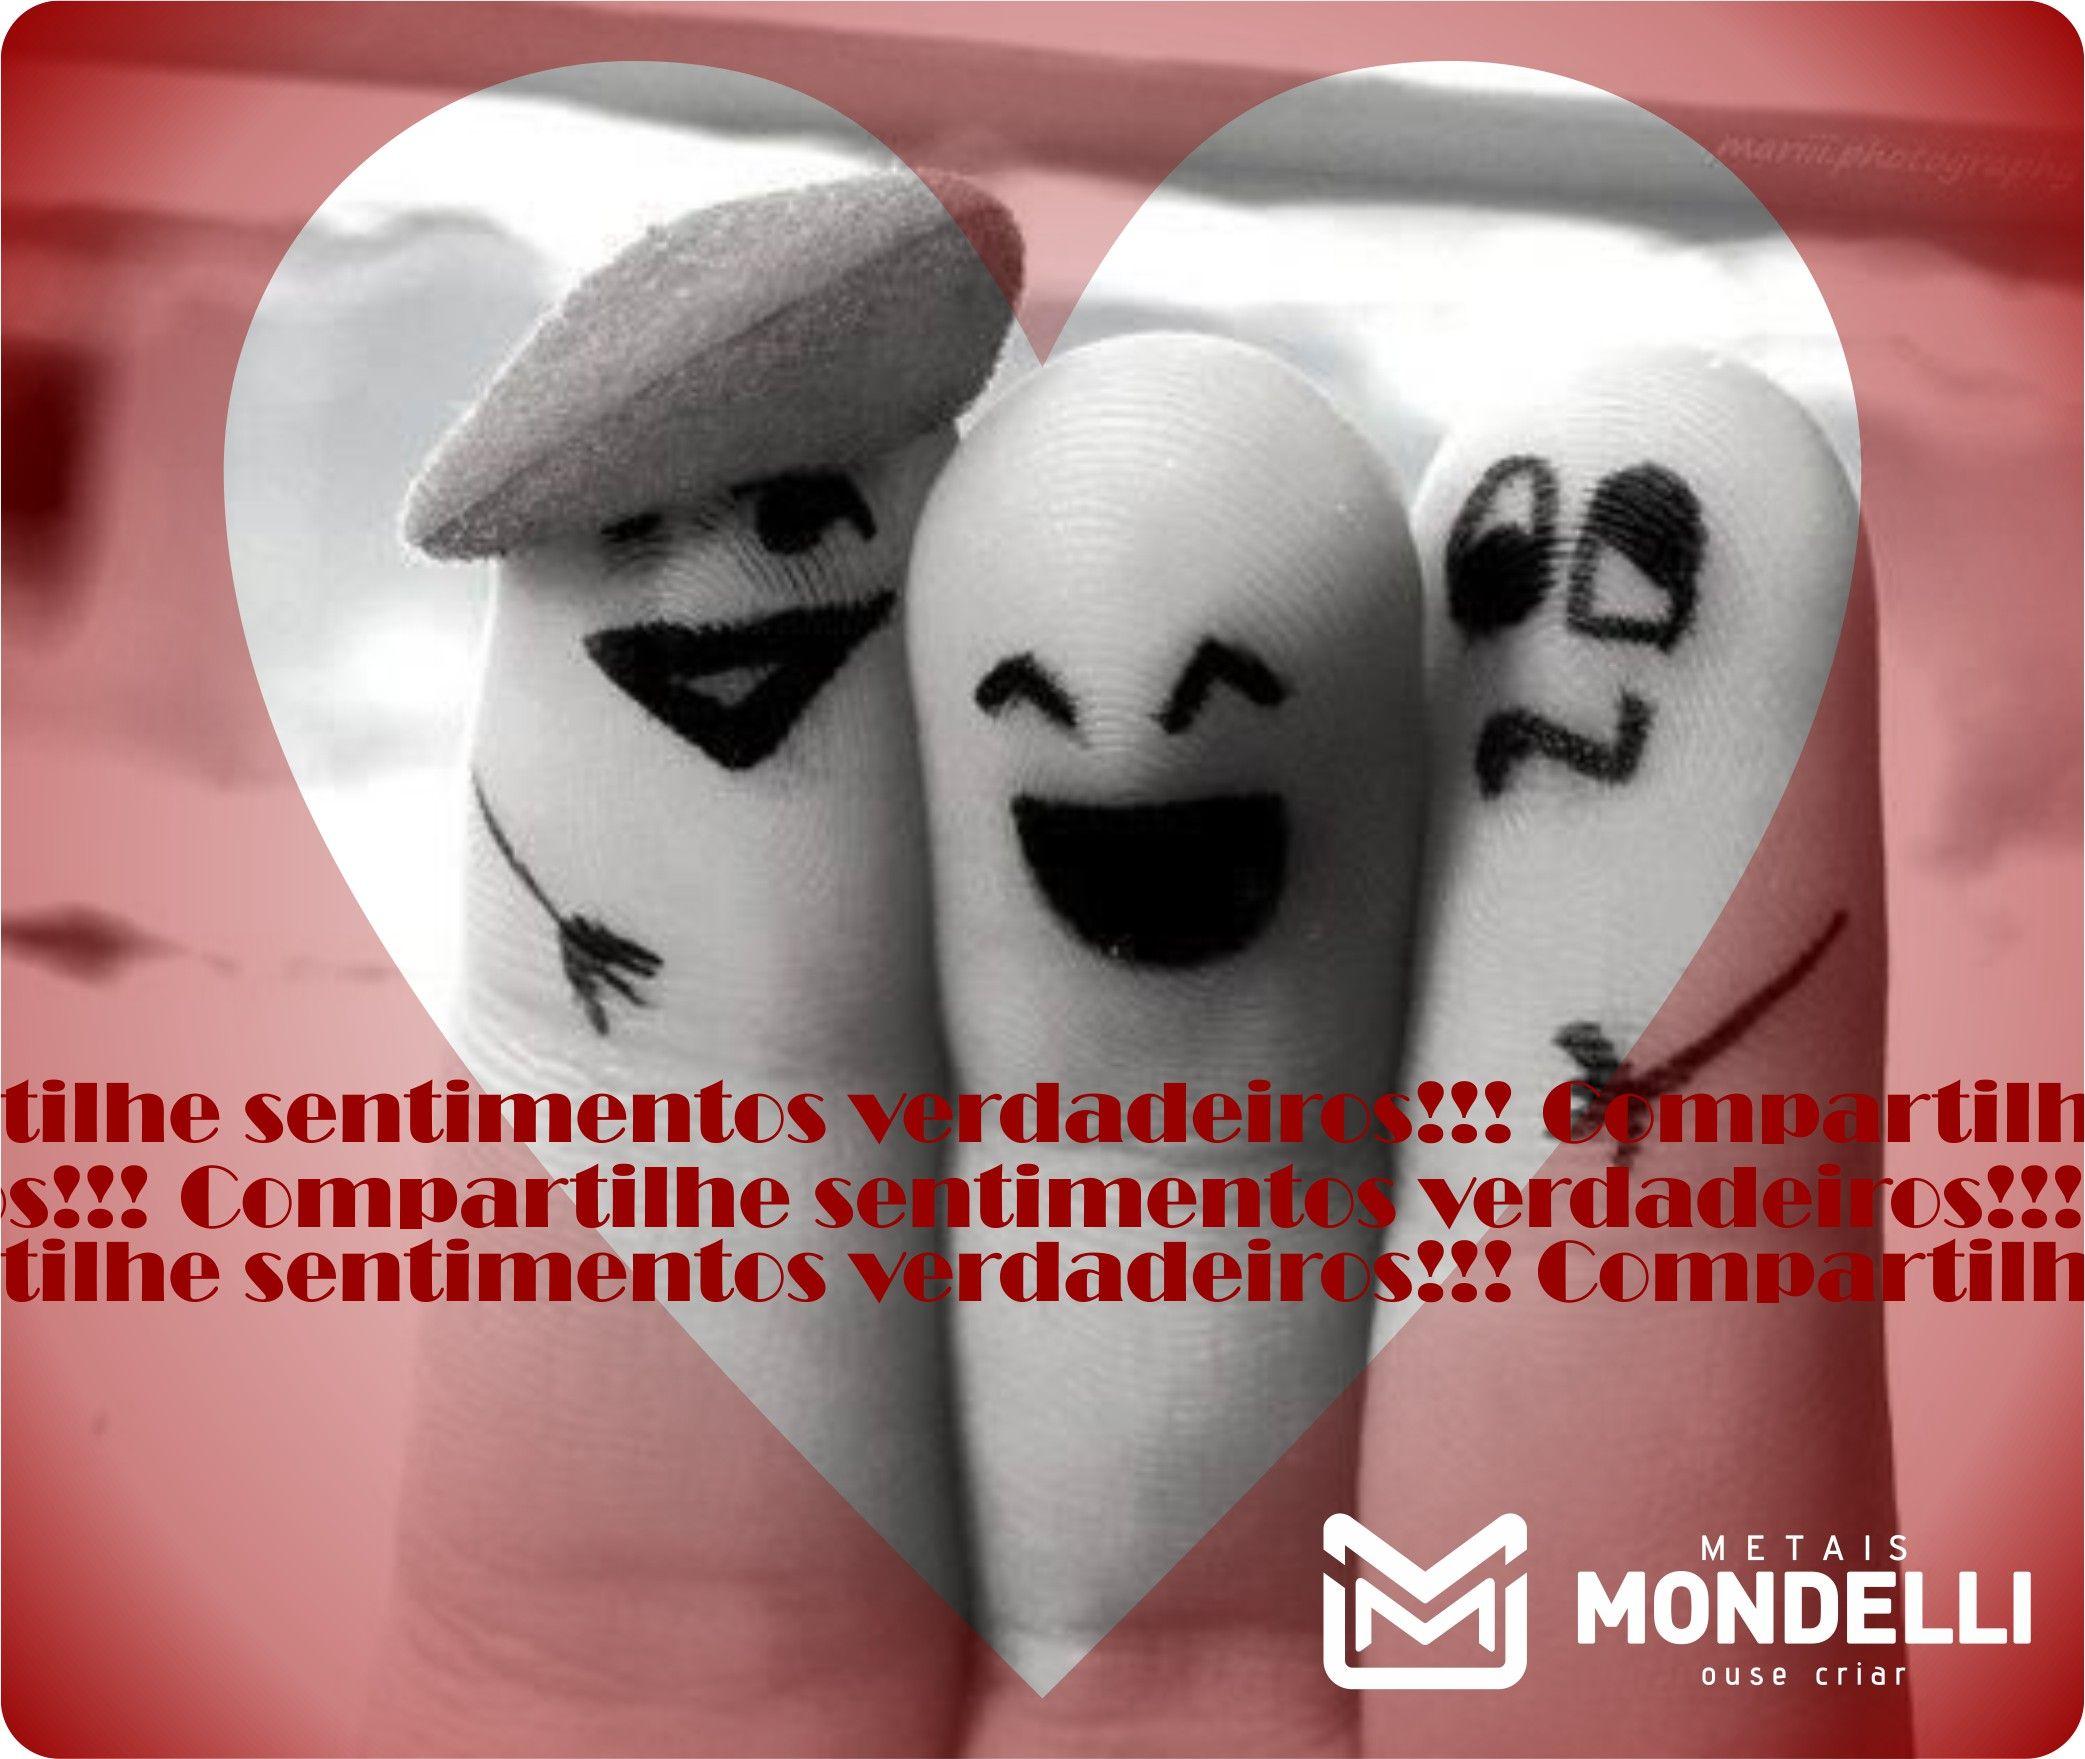 Amanhã é dia do amigo.... e o nosso desejo é que neste e em todos os outros dias possamos compartilhar sentimentos verdadeiros, com as pessoas amamos e que consideramos nossos amigo!!!! Feliz dia do amigo!!!